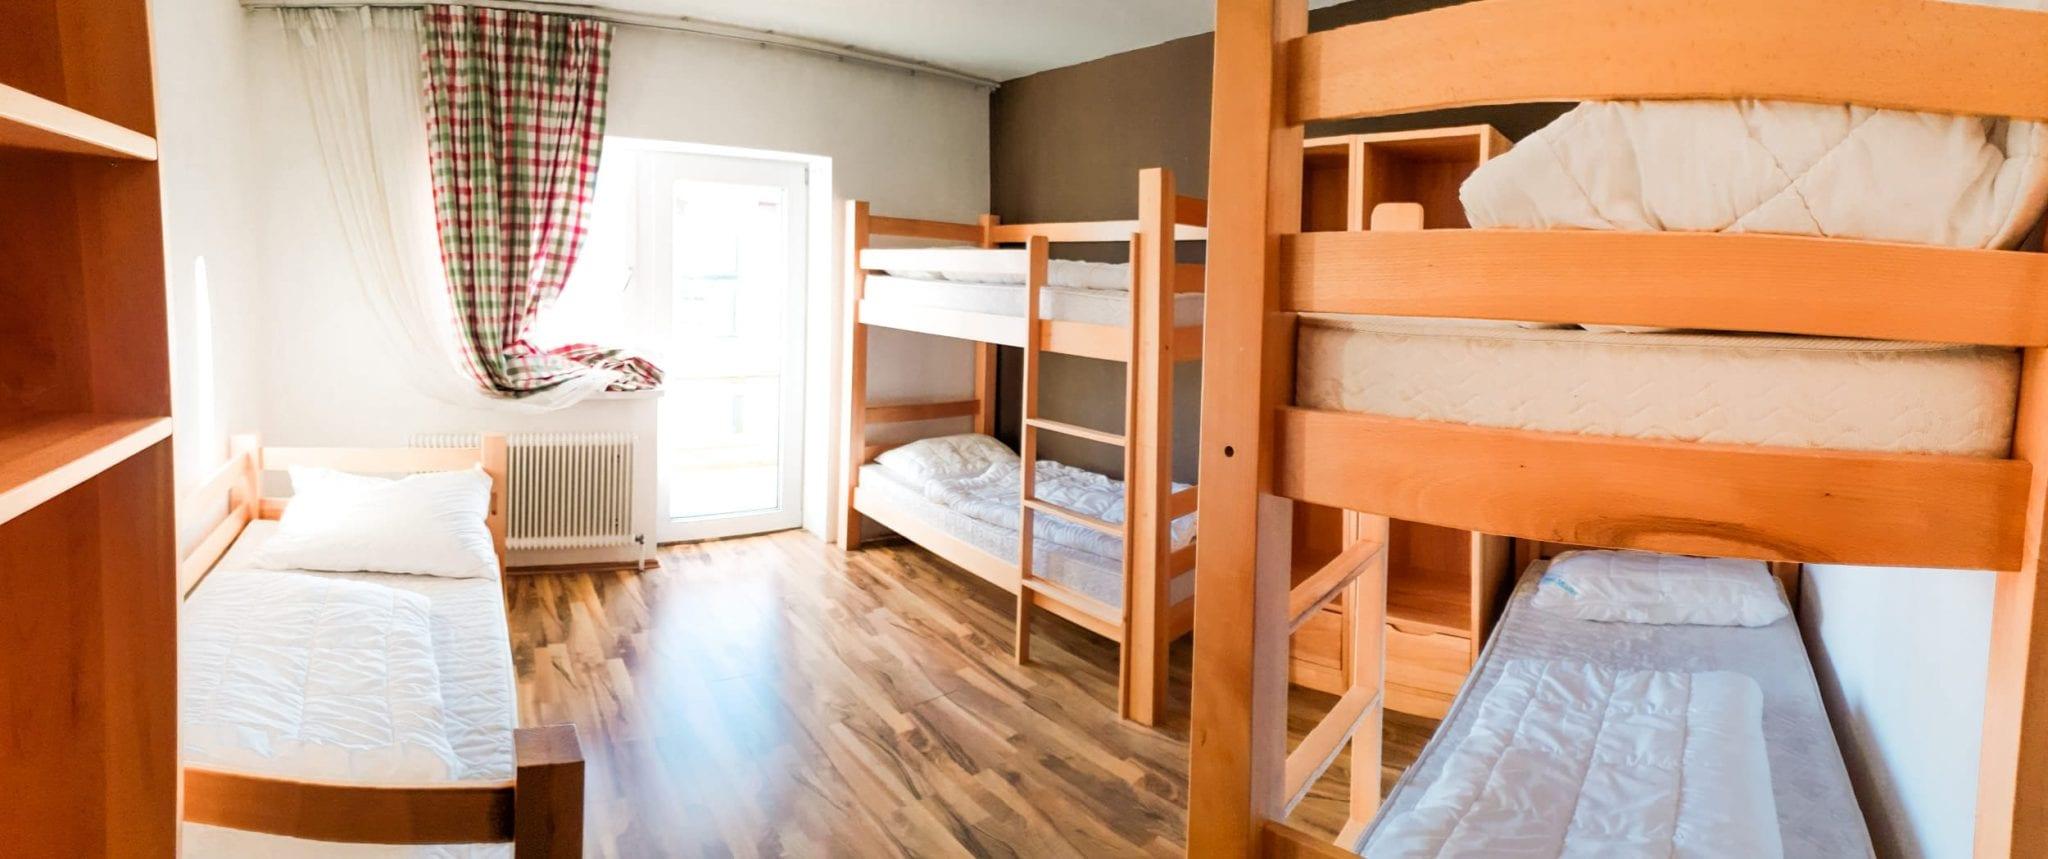 Jugendhotel Edelweiss Jugendherberge 5 Bett Zimmer